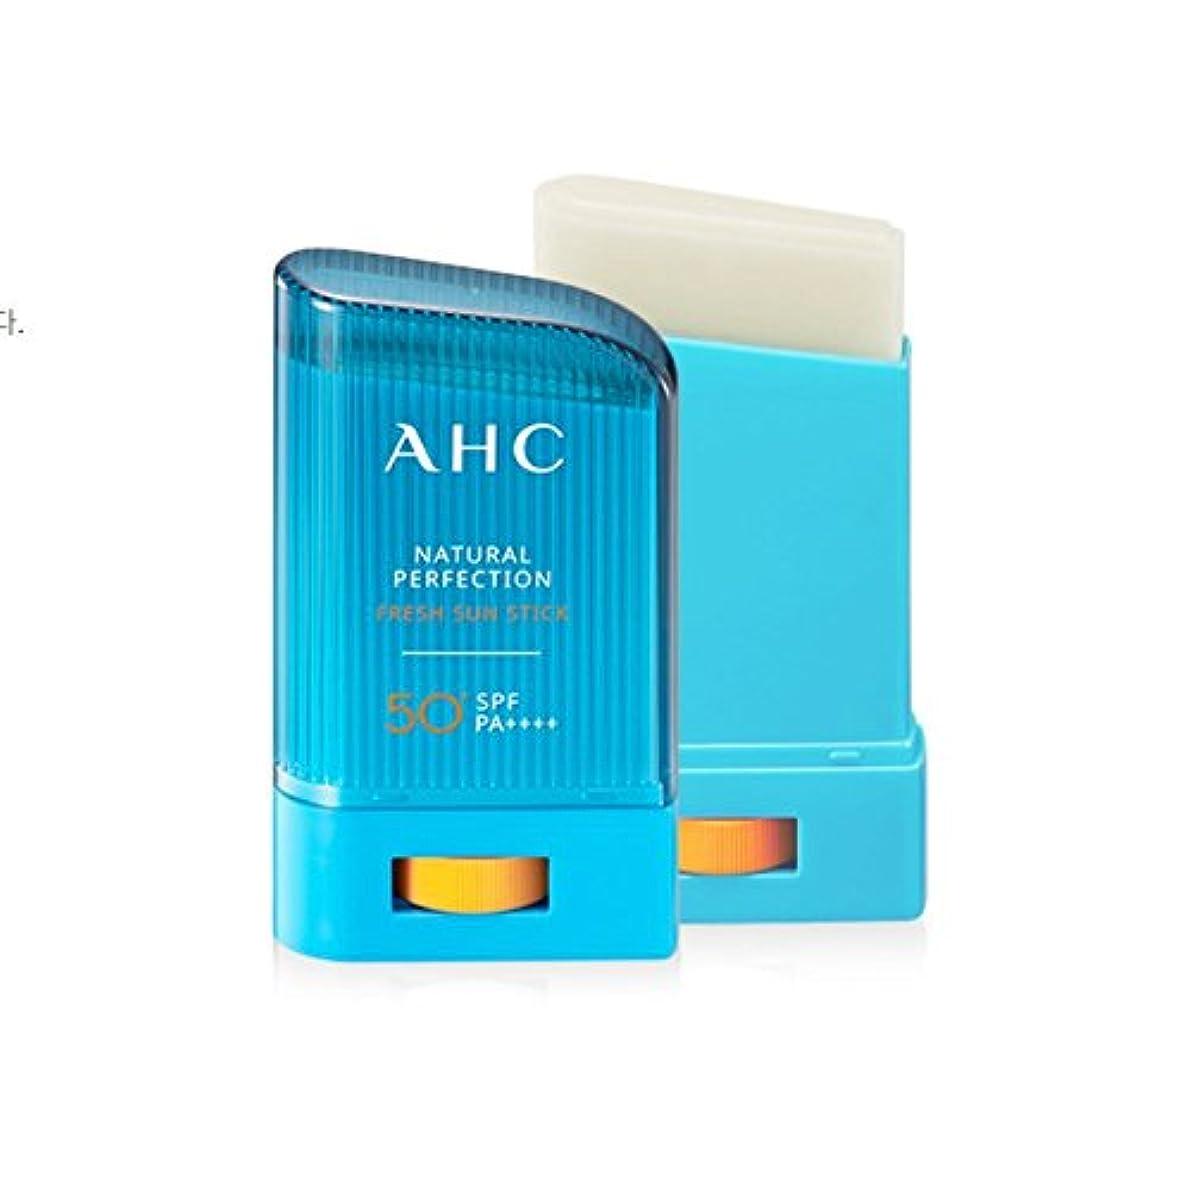 吸収するタイプ無駄だ2018年(Renewal) AHC ナチュラル サン スティック 22g/AHC Natural perfection fresh sun stick (22g) [並行輸入品]